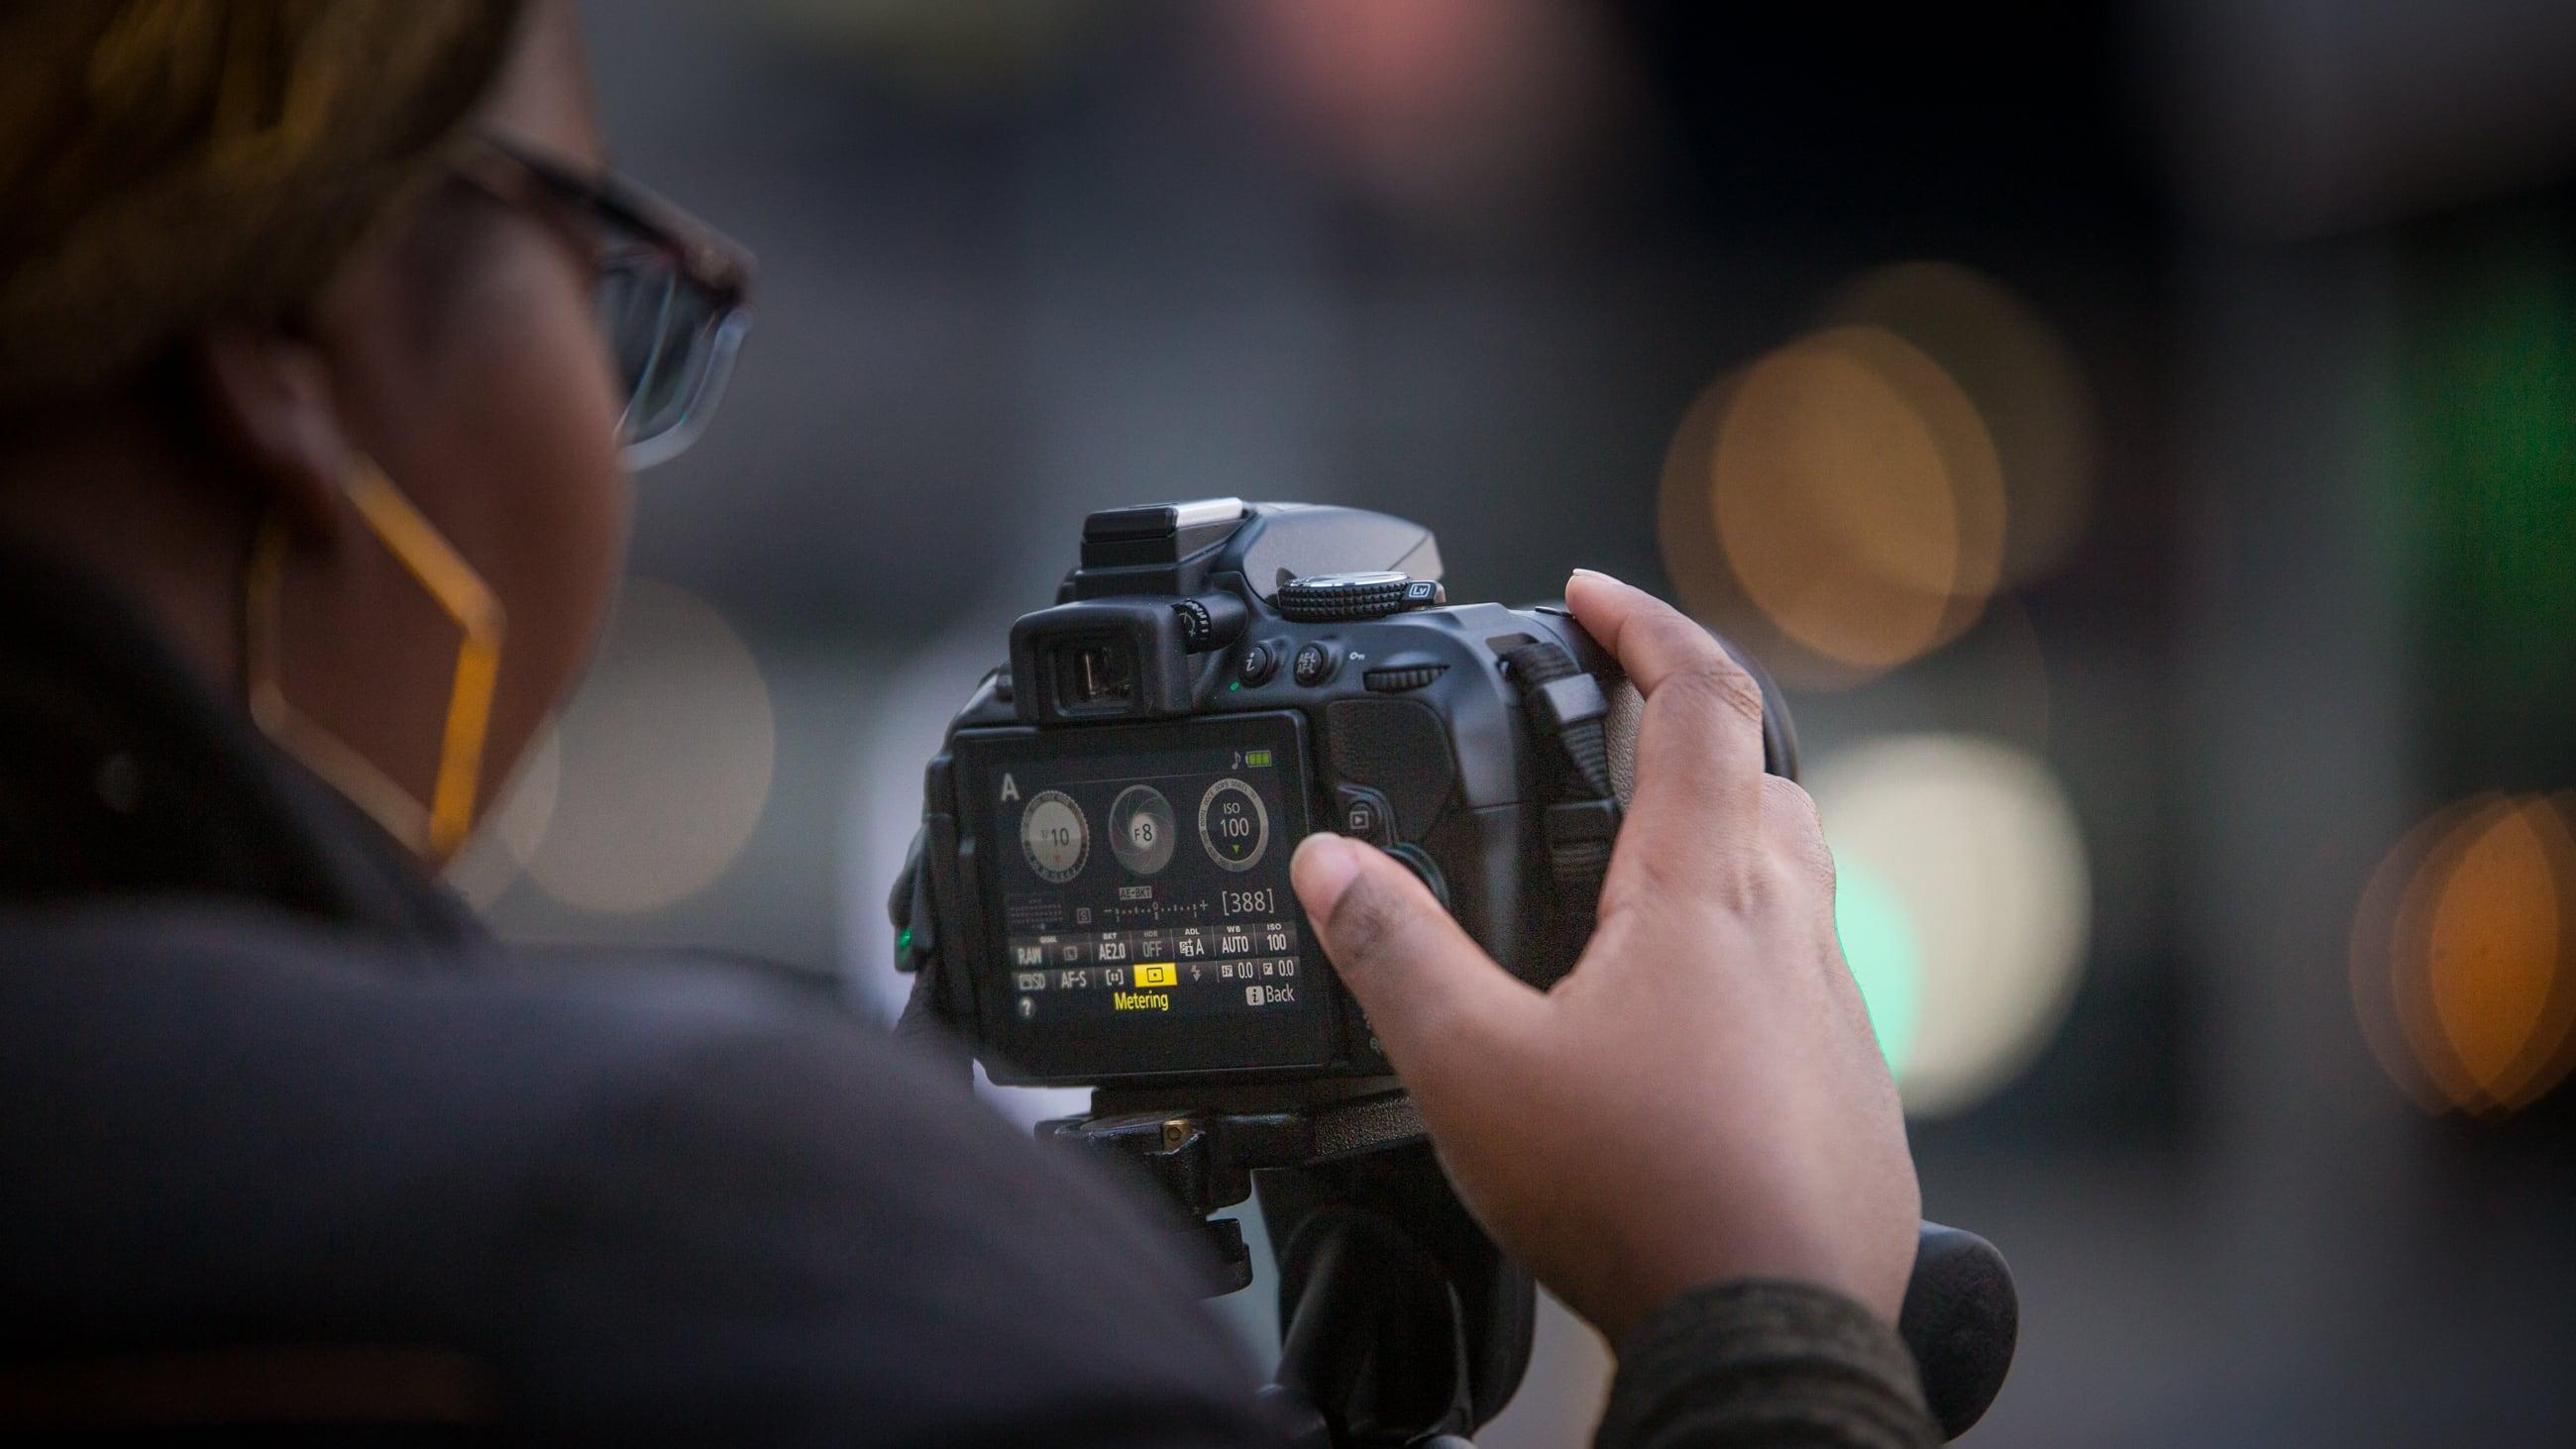 Camera User Manuals | DPC | Digital Photography Courses